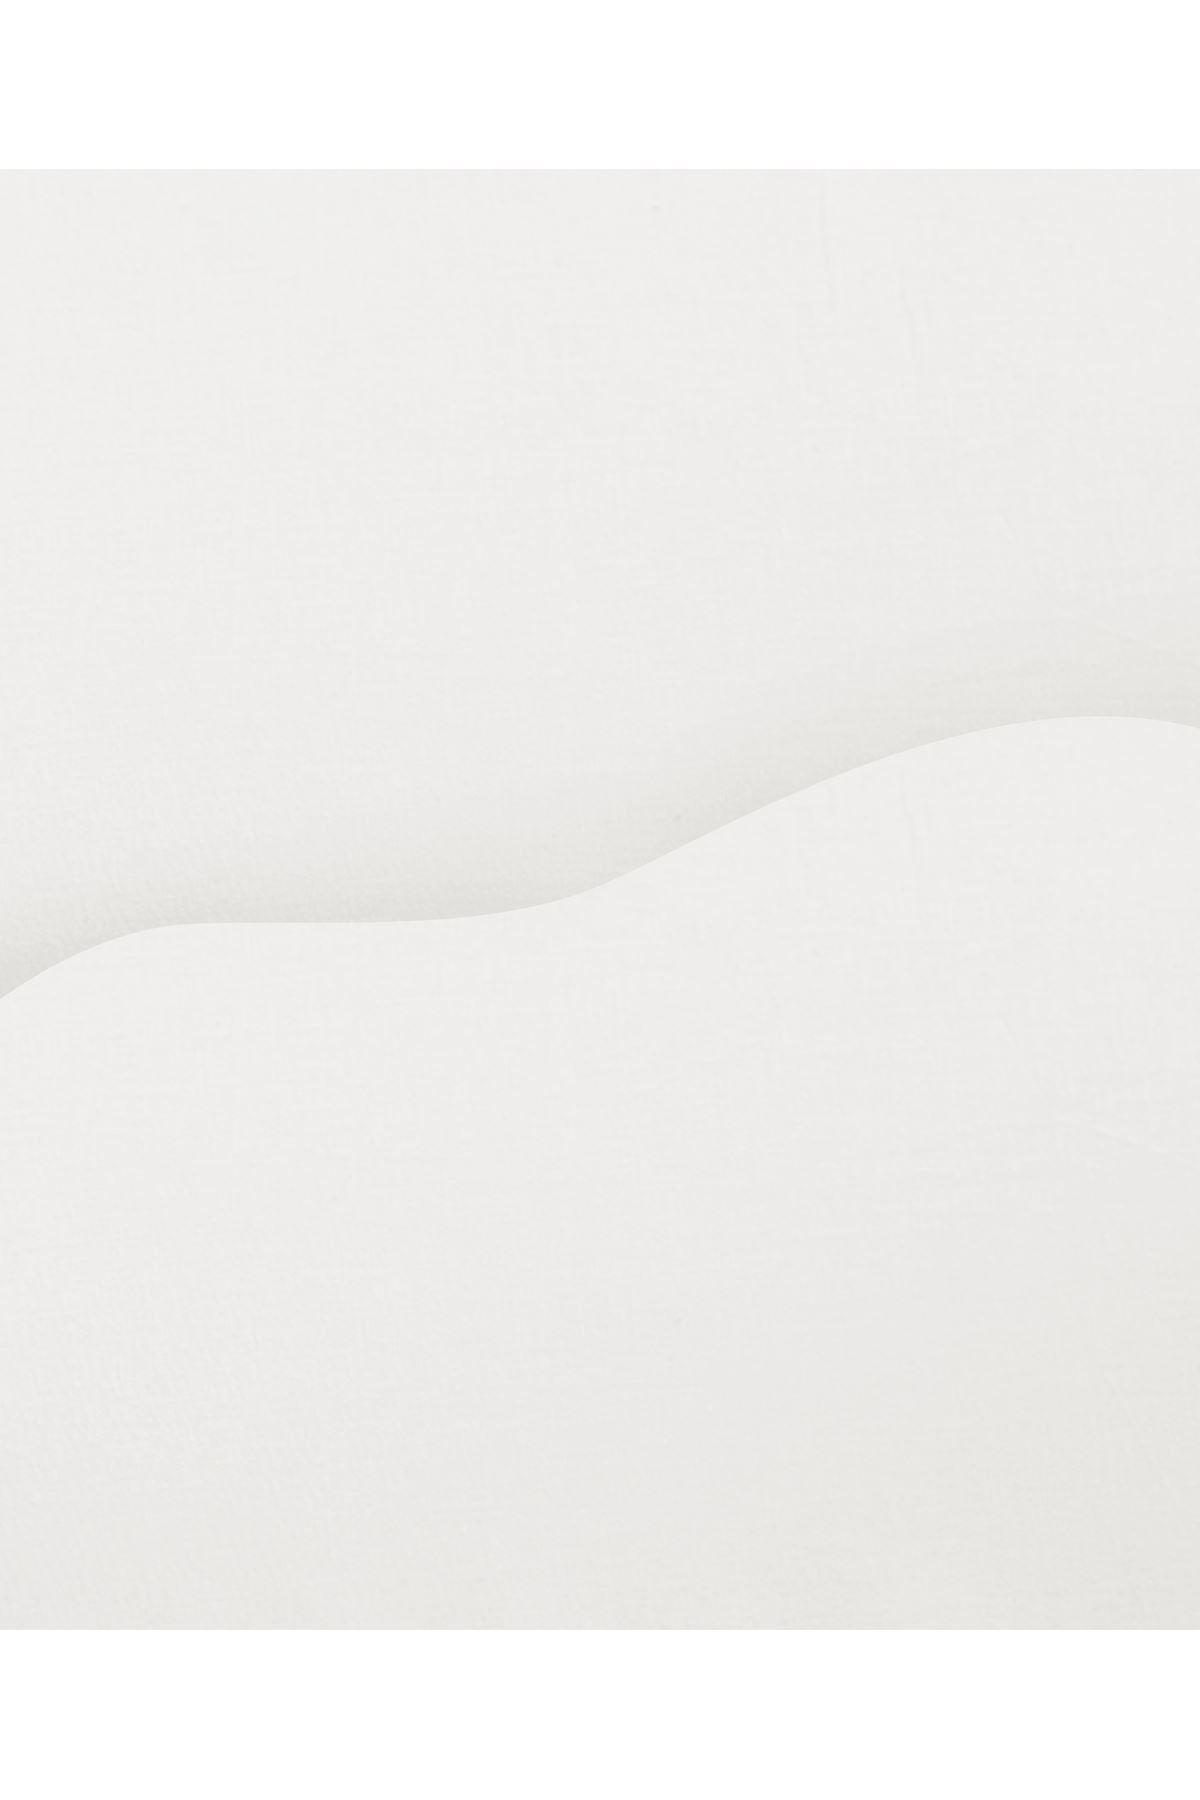 Evimce %100 Organik Pamuk Nevresim Takımı Duz Carsaflı Cift Kisilik Bordo